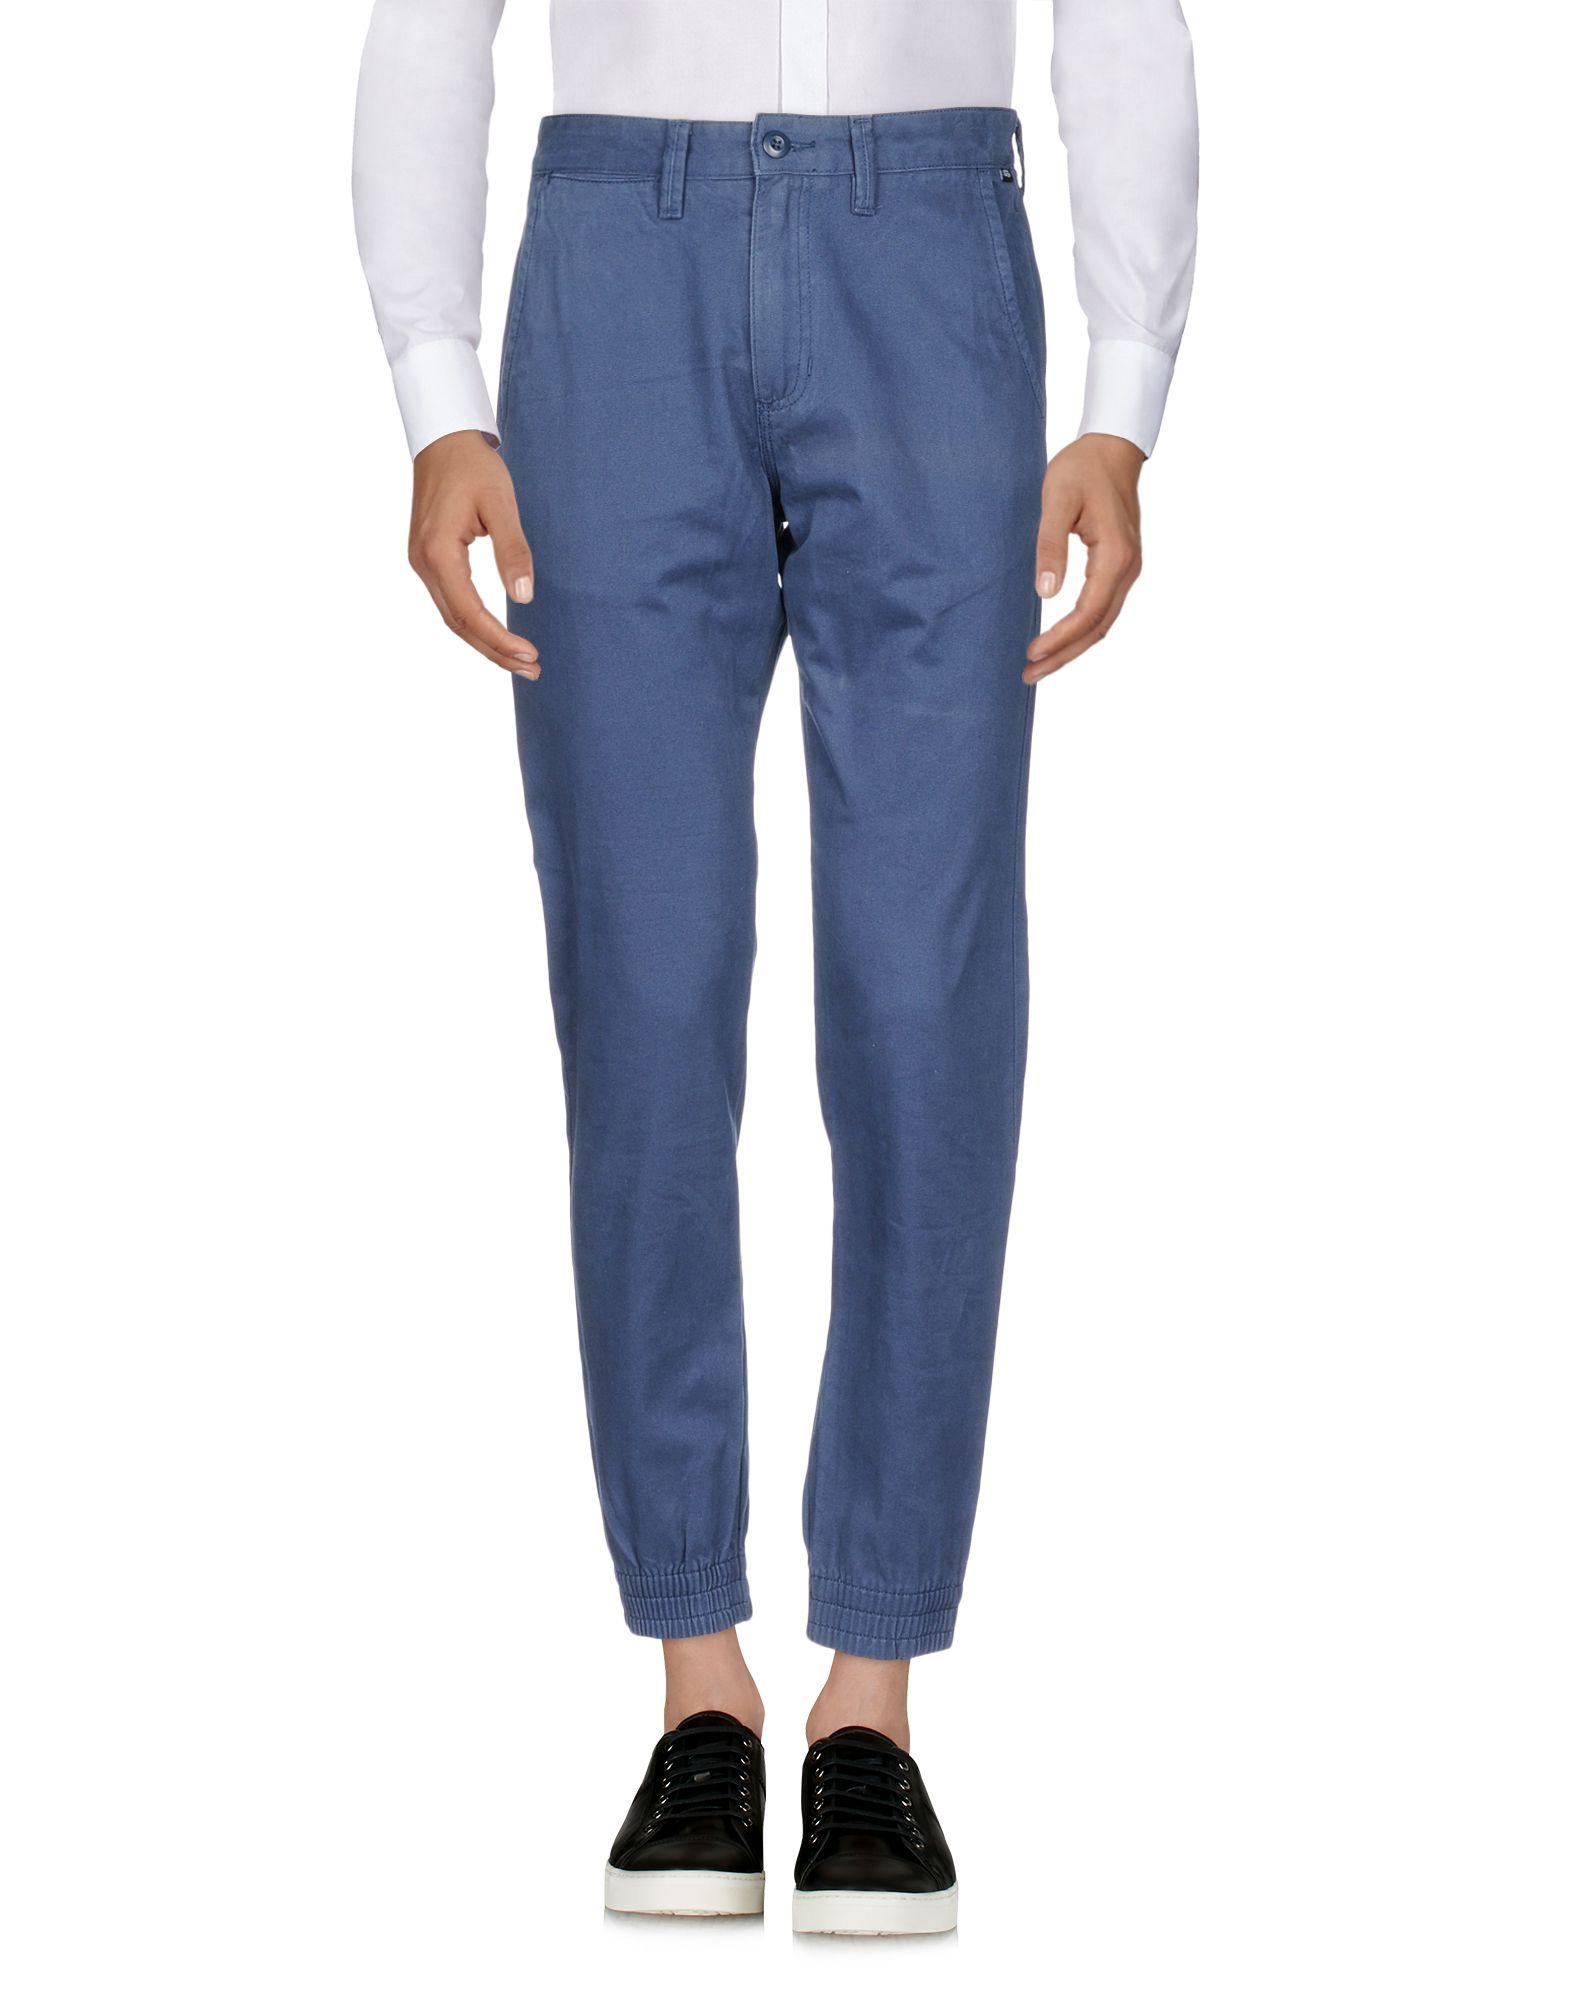 《送料無料》VANS メンズ パンツ ダークブルー 28 コットン 100%